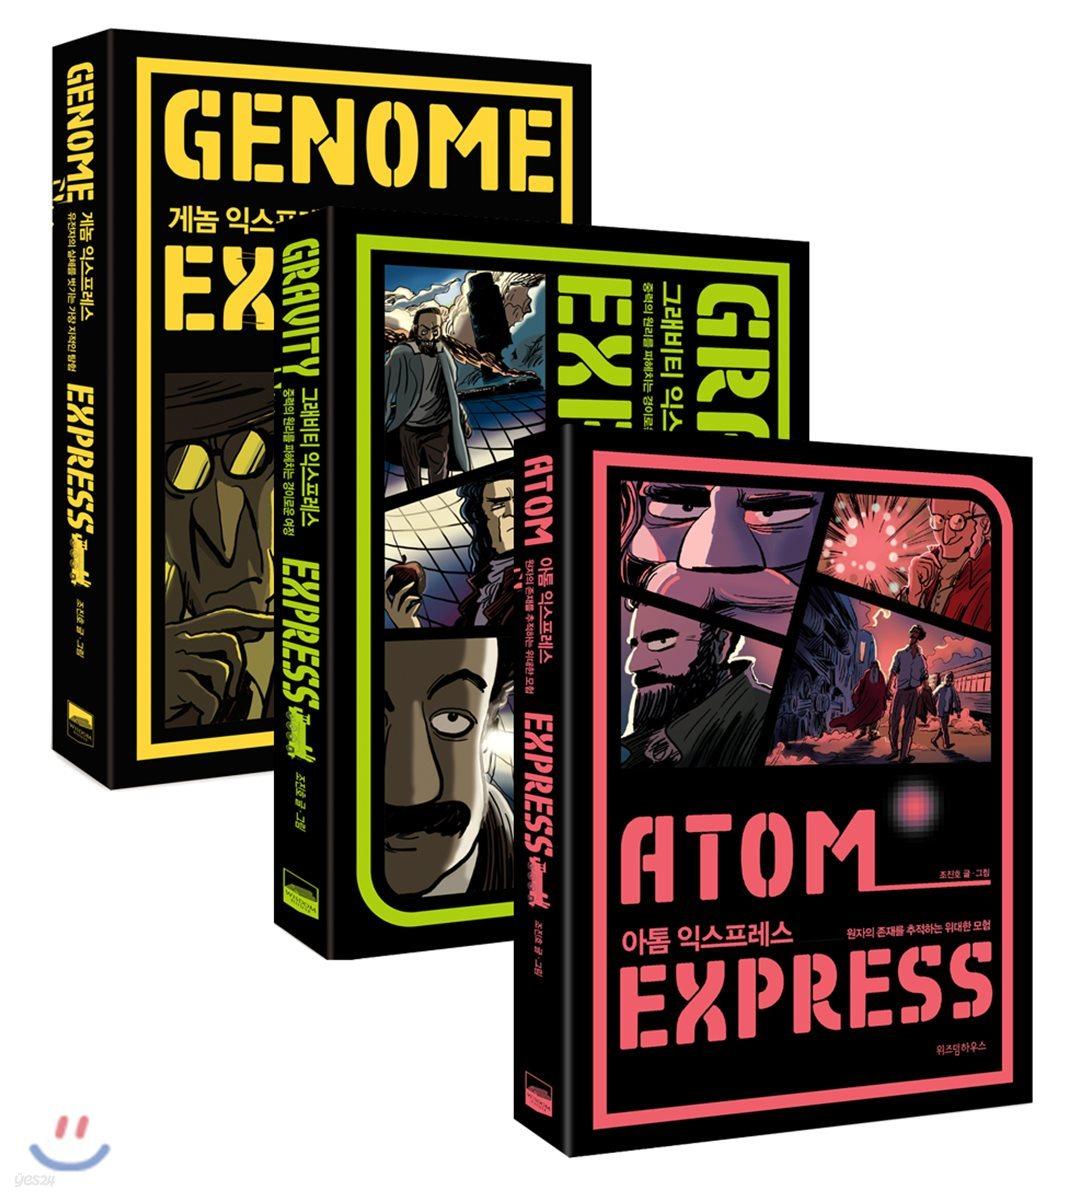 게놈 익스프레스 + 그래비티 익스프레스 + 아톰 익스프레스